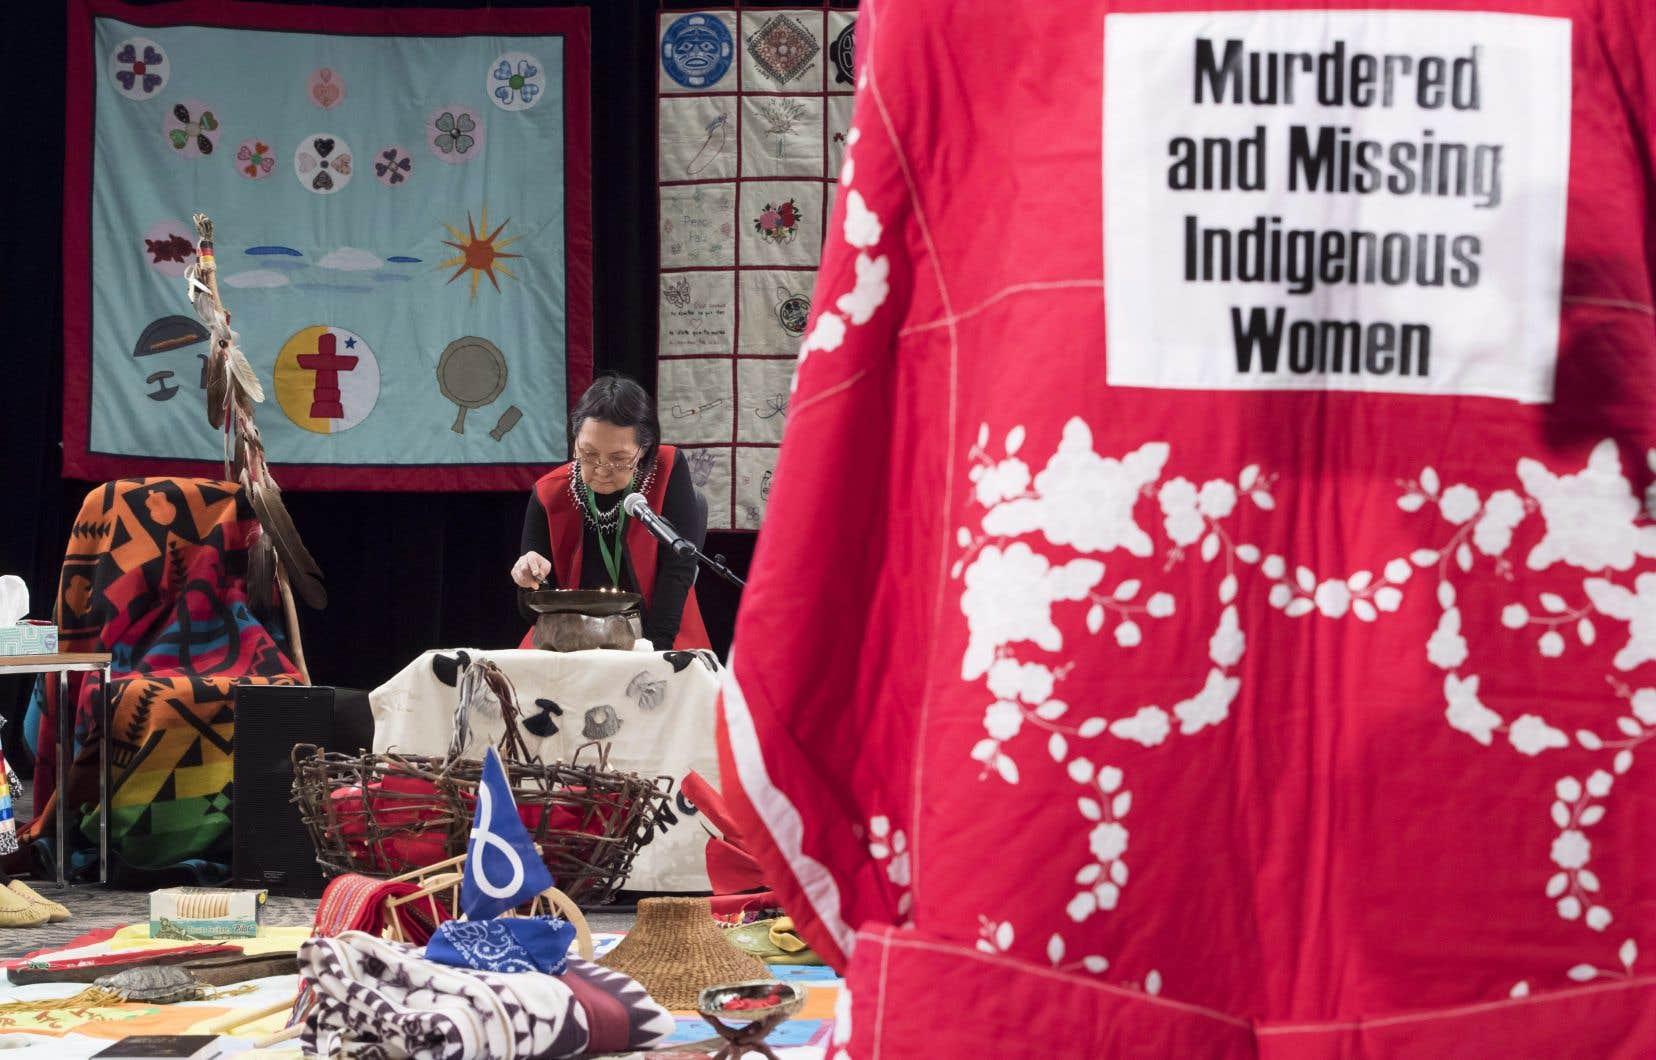 «Le temps n'est plus aux débats sémantiques mais à l'impératif de solidarité et de protection des femmes», croient les auteurs.